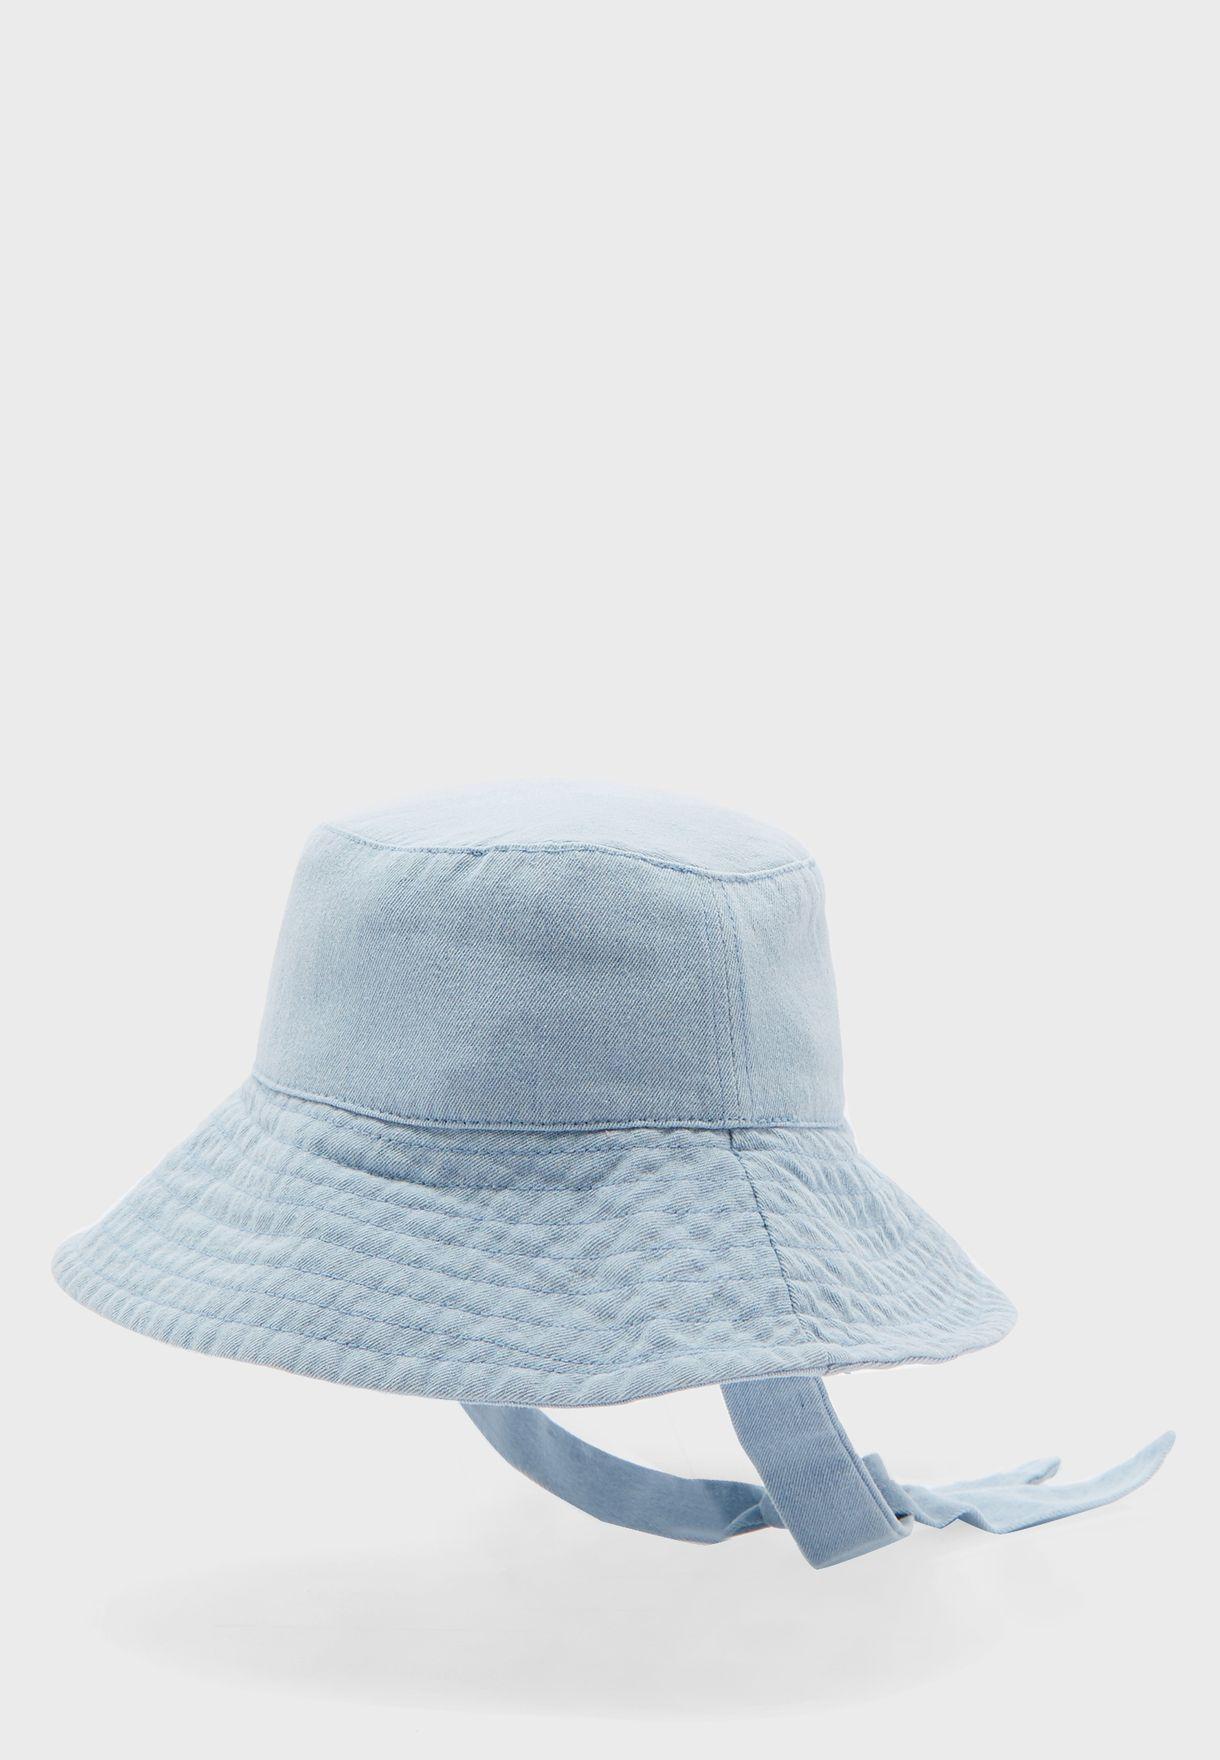 قبعة بحافة عريضة للاطفال